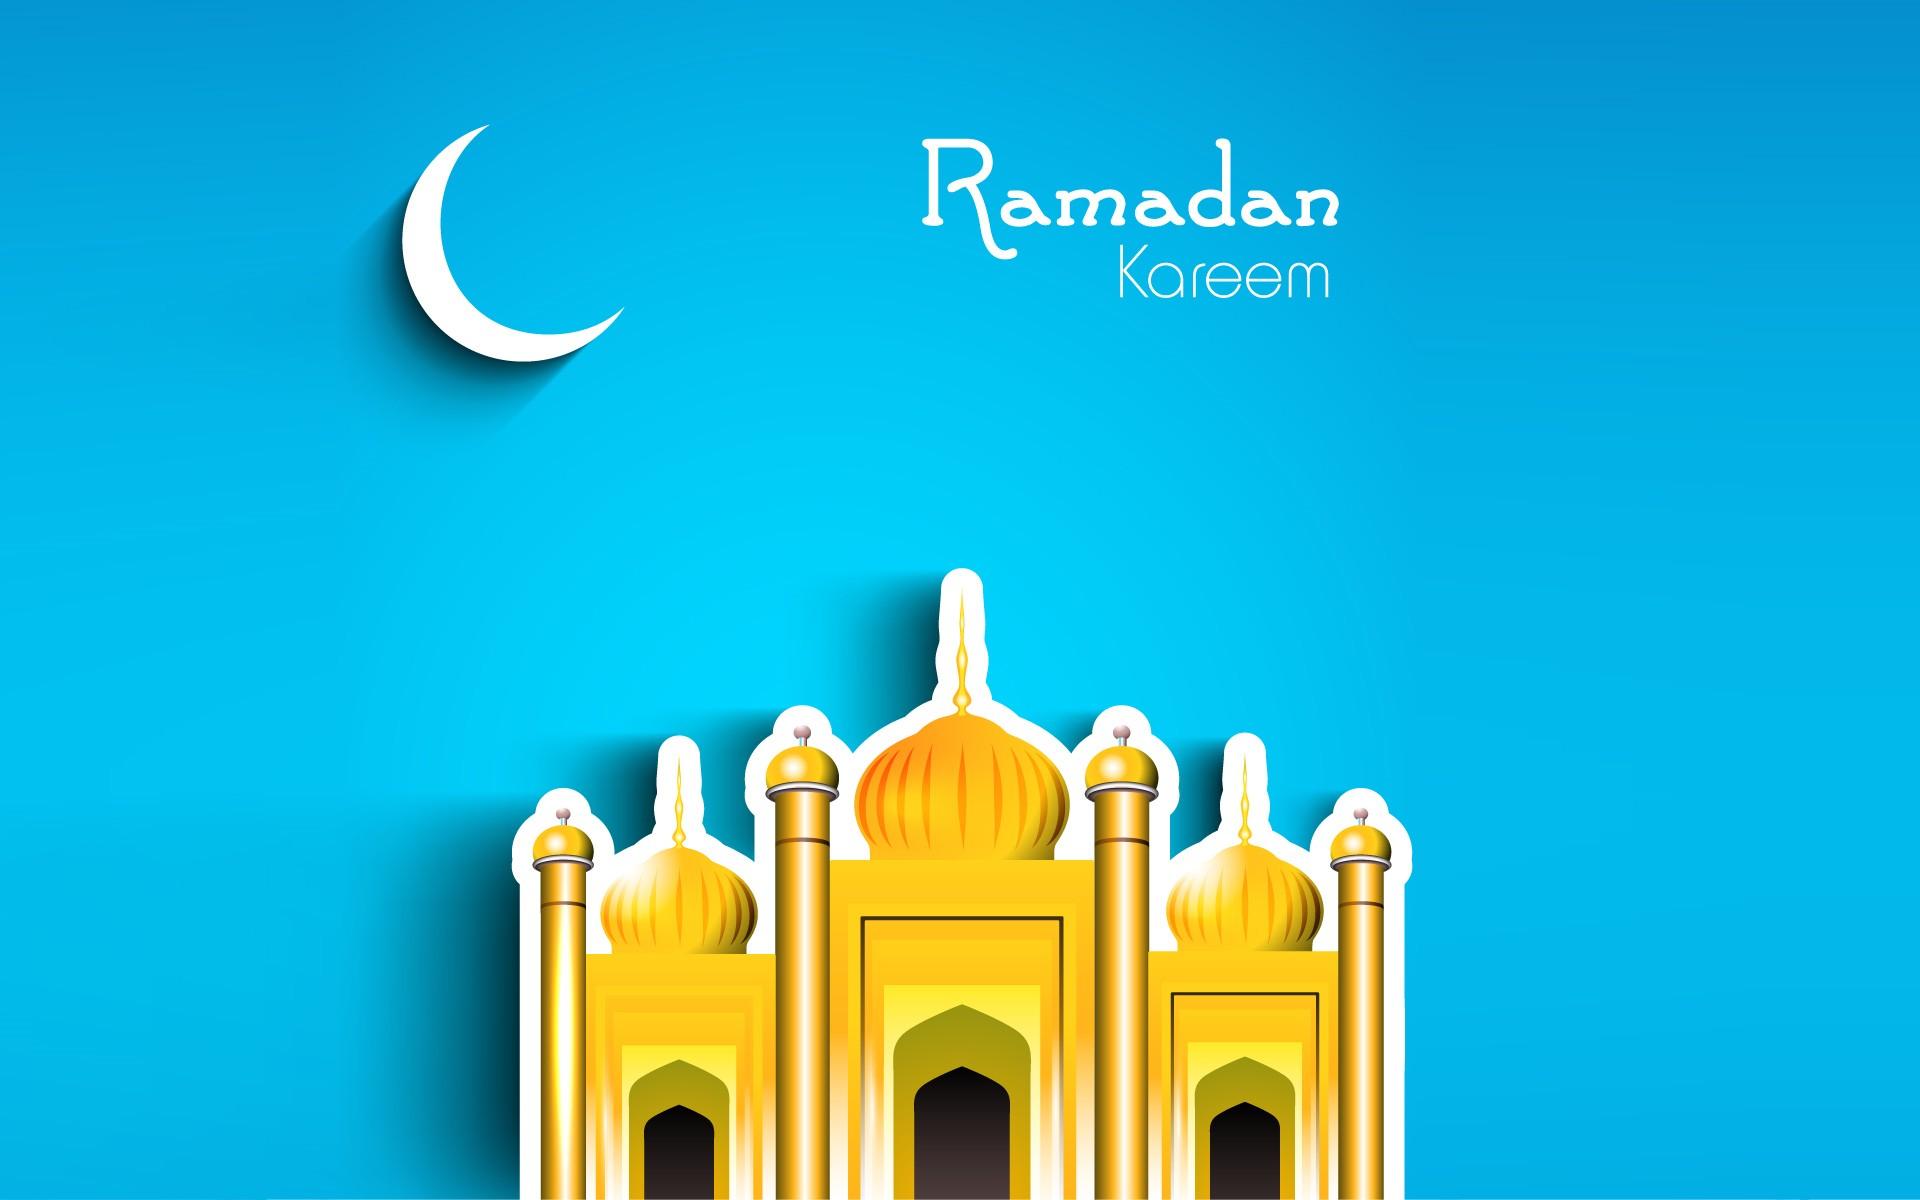 بالصور رمضان 2019 , صور لرمضان 3246 7